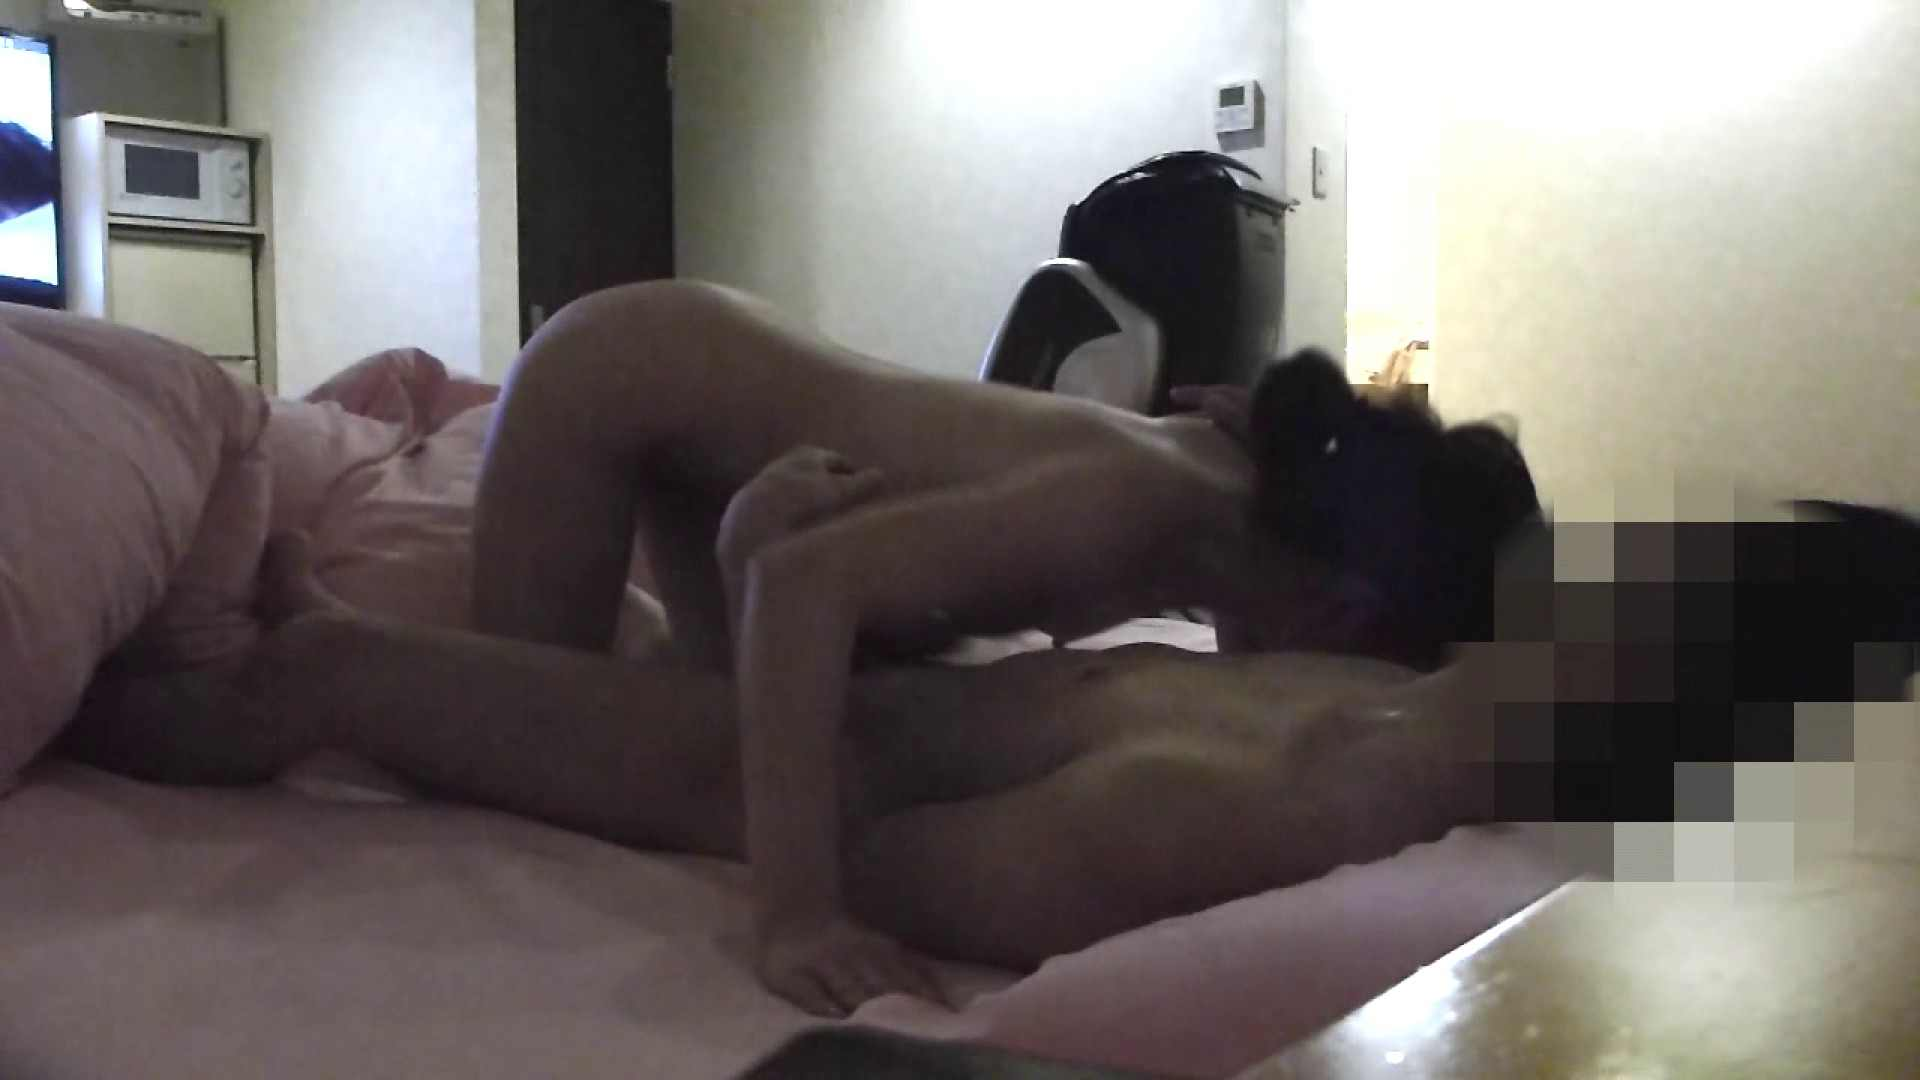 【完全素人投稿】誰にしようか!?やりチン健太の本日もデリ嬢いただきま~す!!16 素人ギャル女 | 投稿  61連発 11